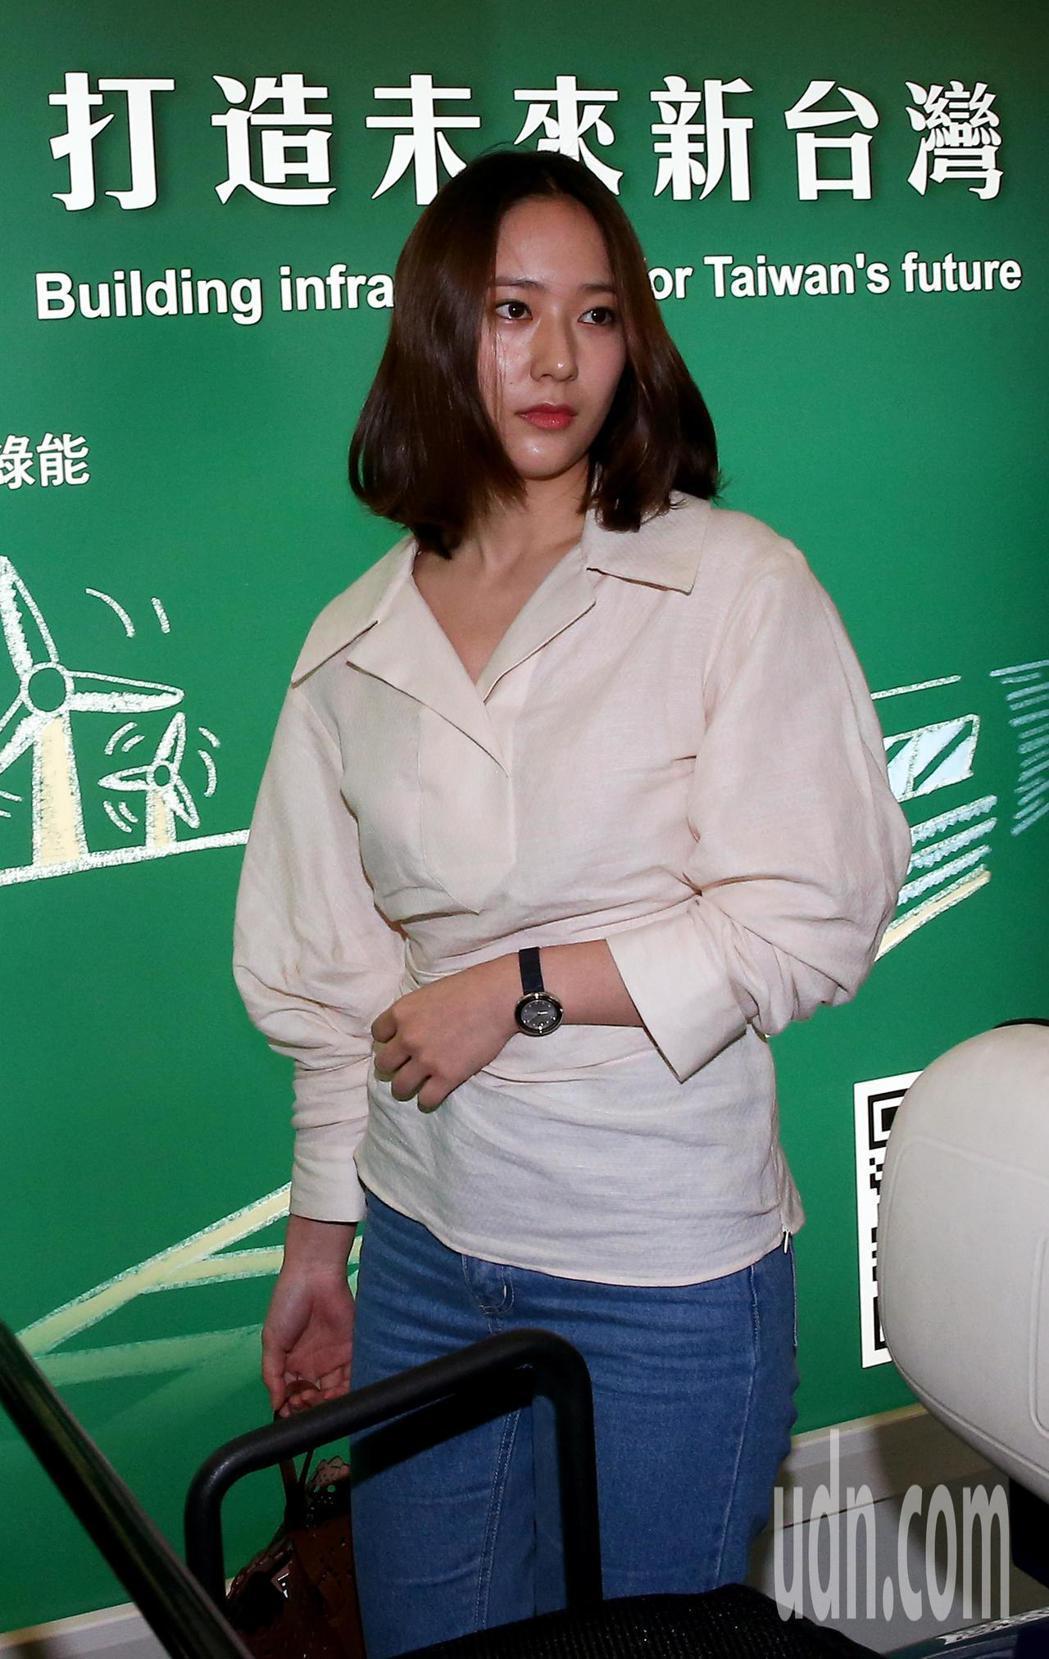 南韓藝人鄭秀晶26日中午抵達桃園機場,將出席精品店開幕代言活動。記者陳嘉寧/攝影